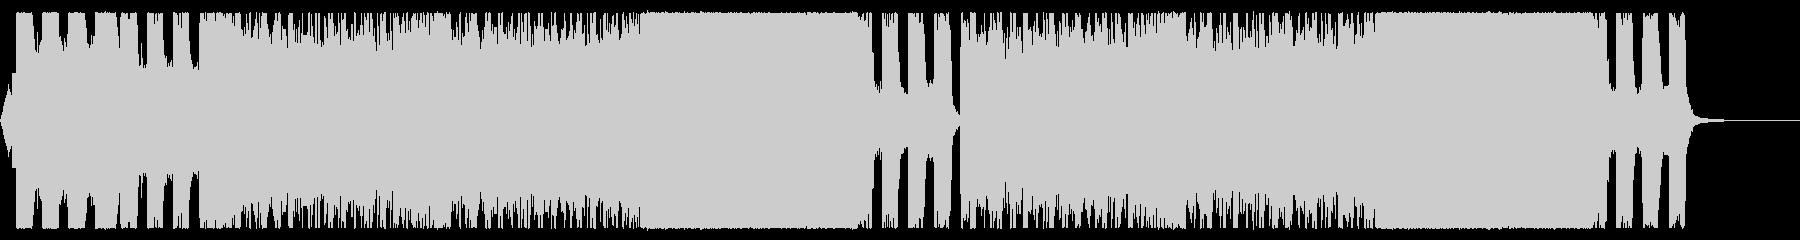 激しいシャウトのデスメタルの未再生の波形